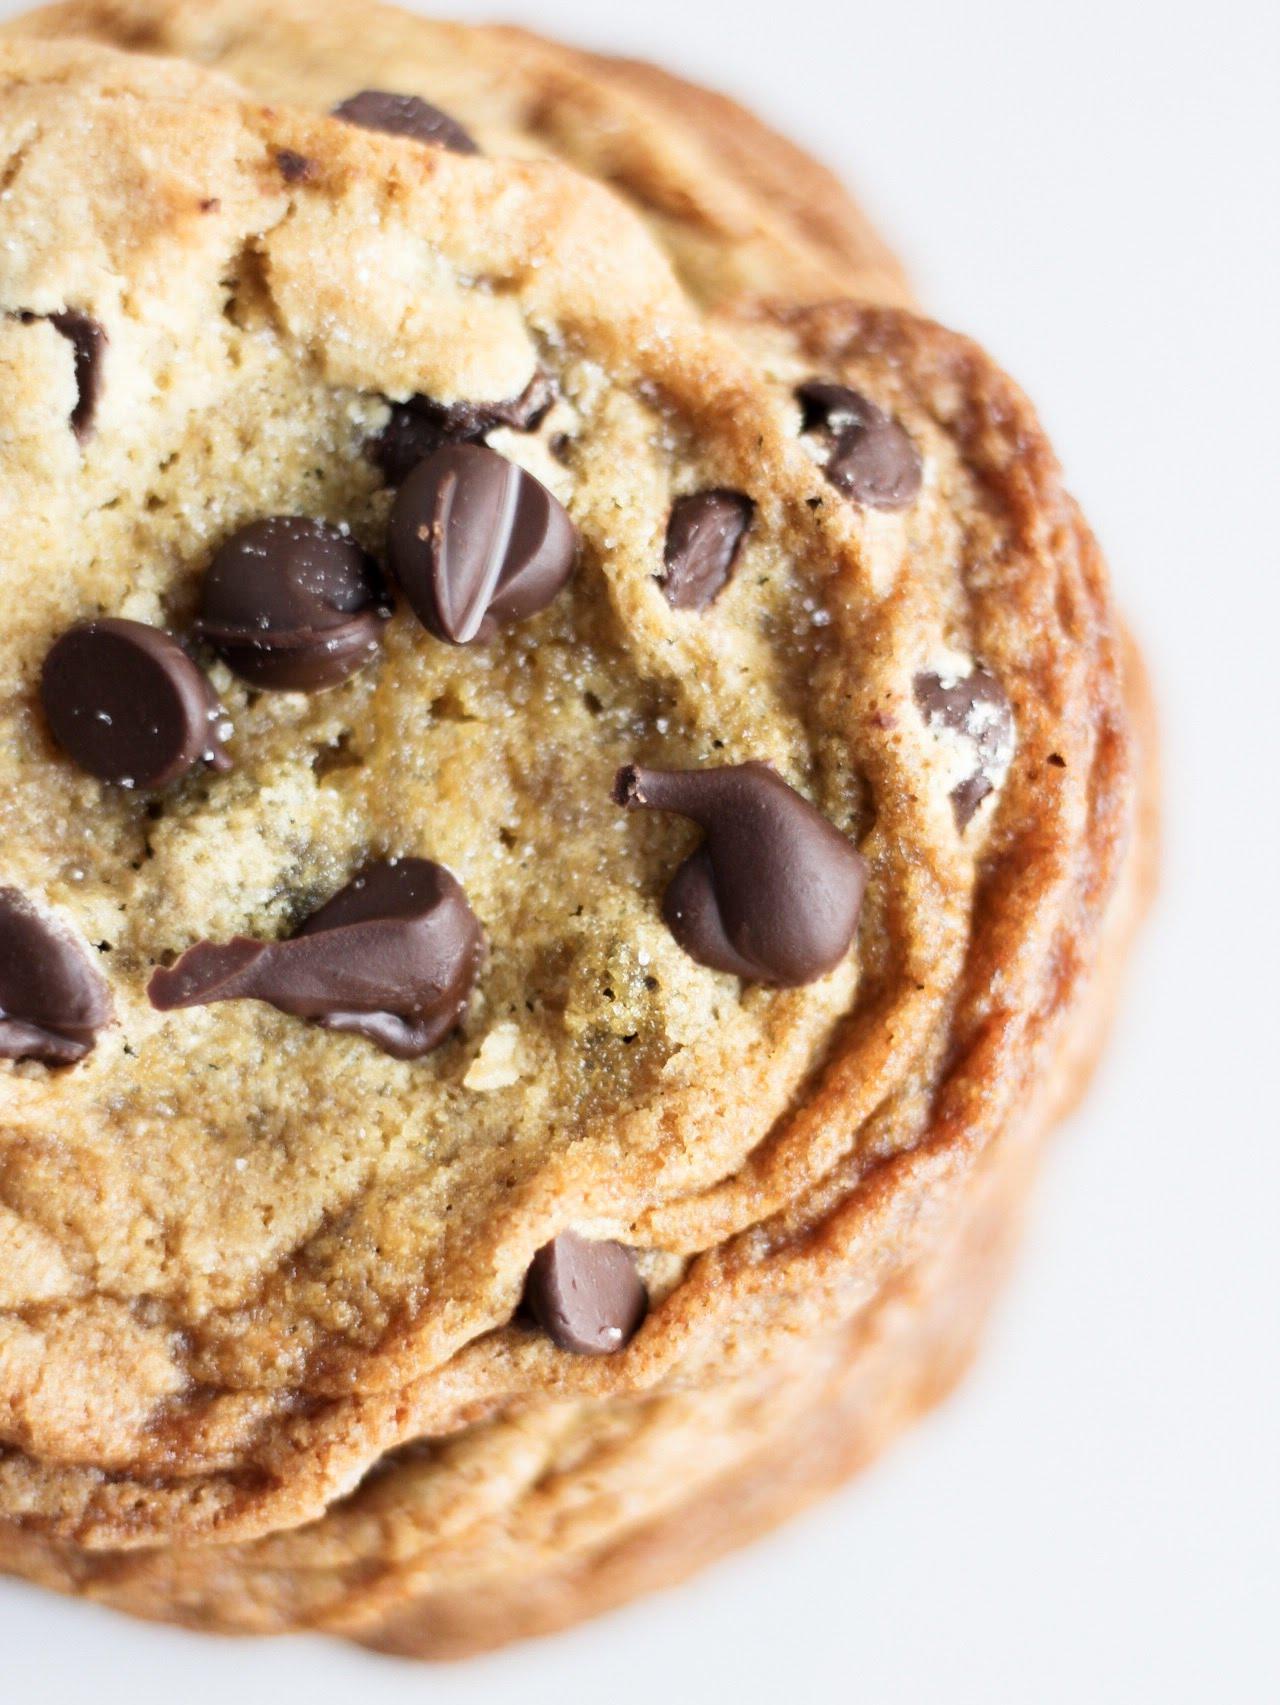 Jumbo Sea Salt Chocolate Chip Cookies